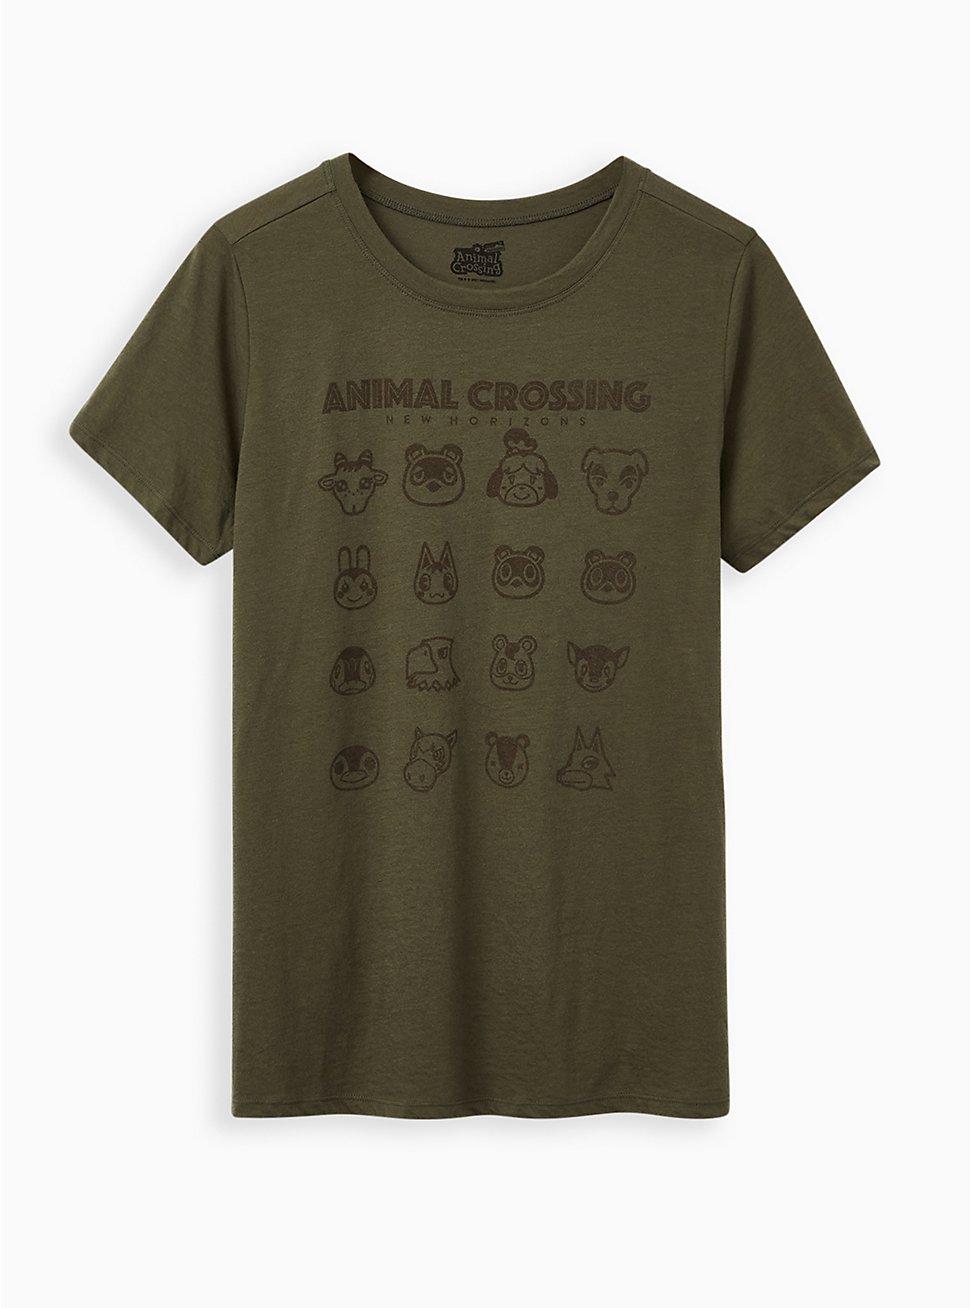 Plus Size Slim Fit Crew Tee – Animal Crossing Olive, DEEP DEPTHS, hi-res